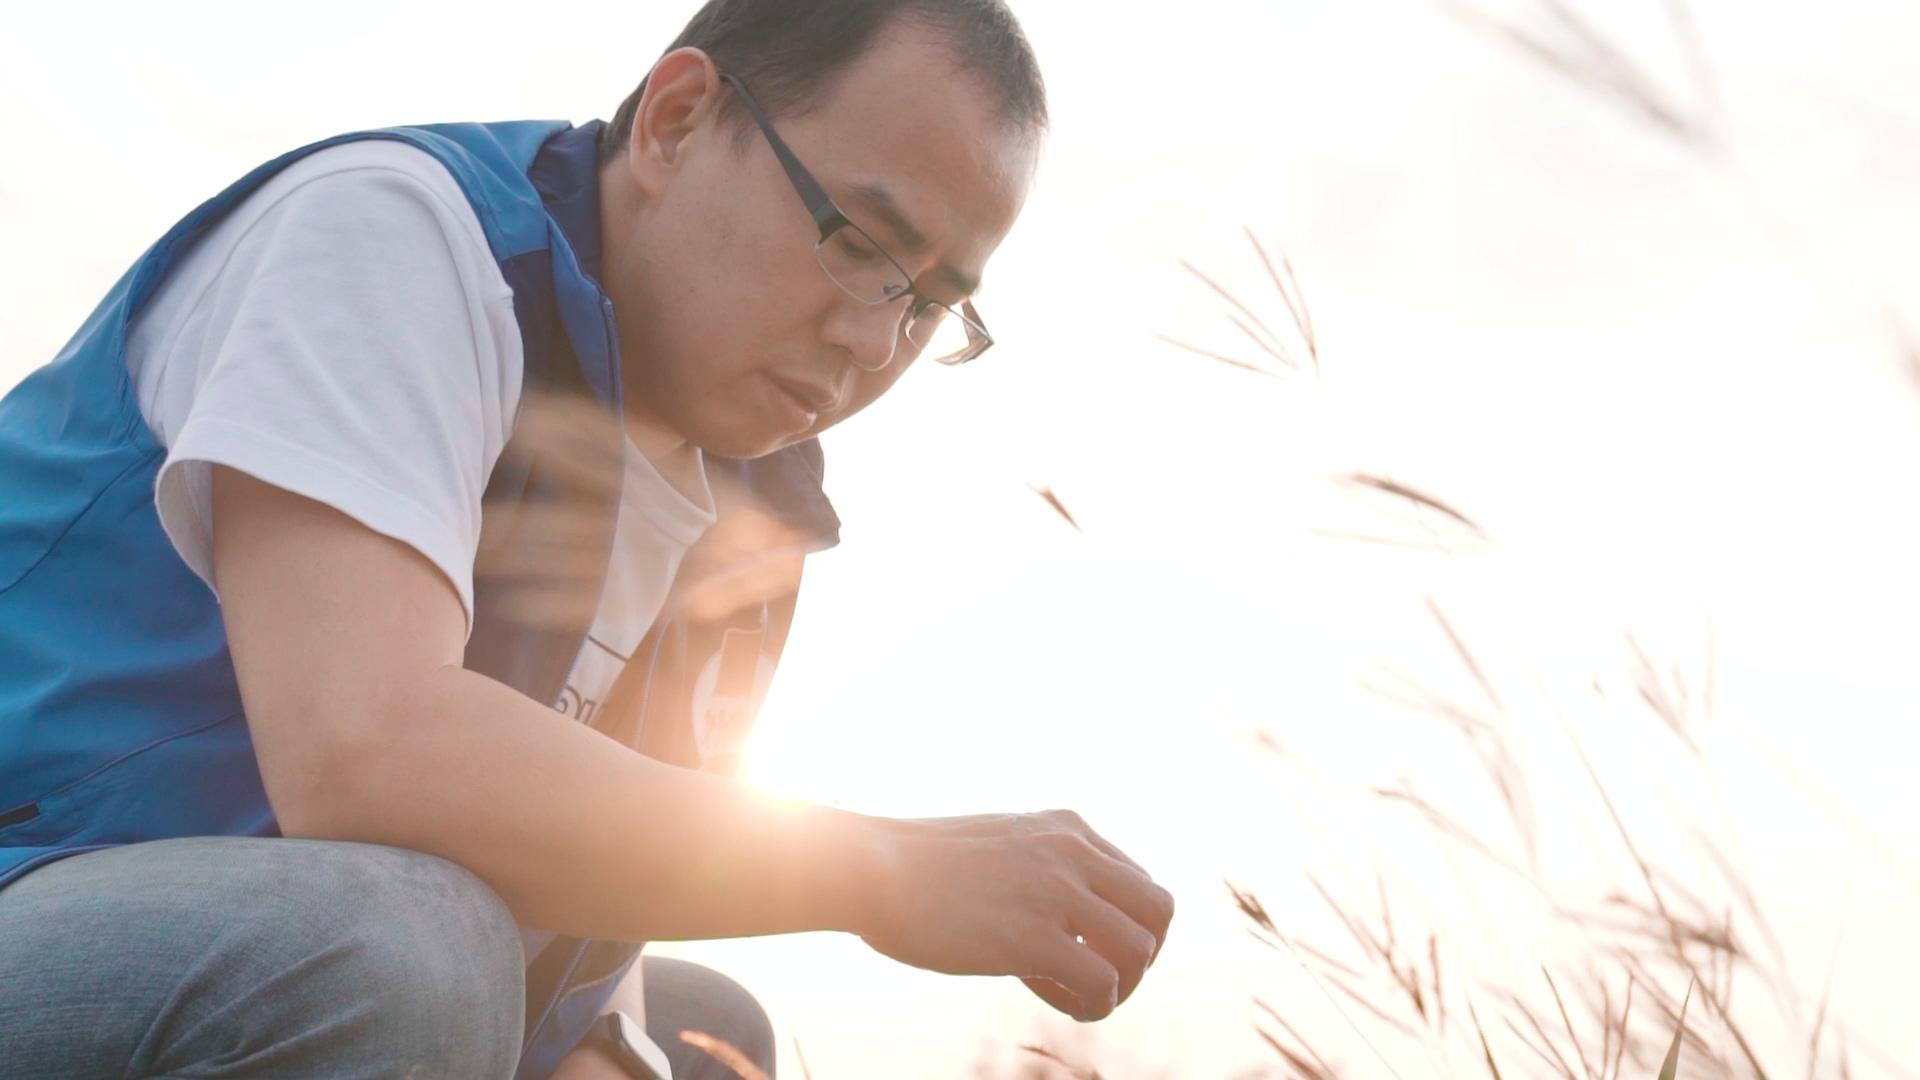 擁有日本水田環境鑑定士、米食味鑑定士的簡碩宏,是目前日本海外唯一拿到雙證照的專家。